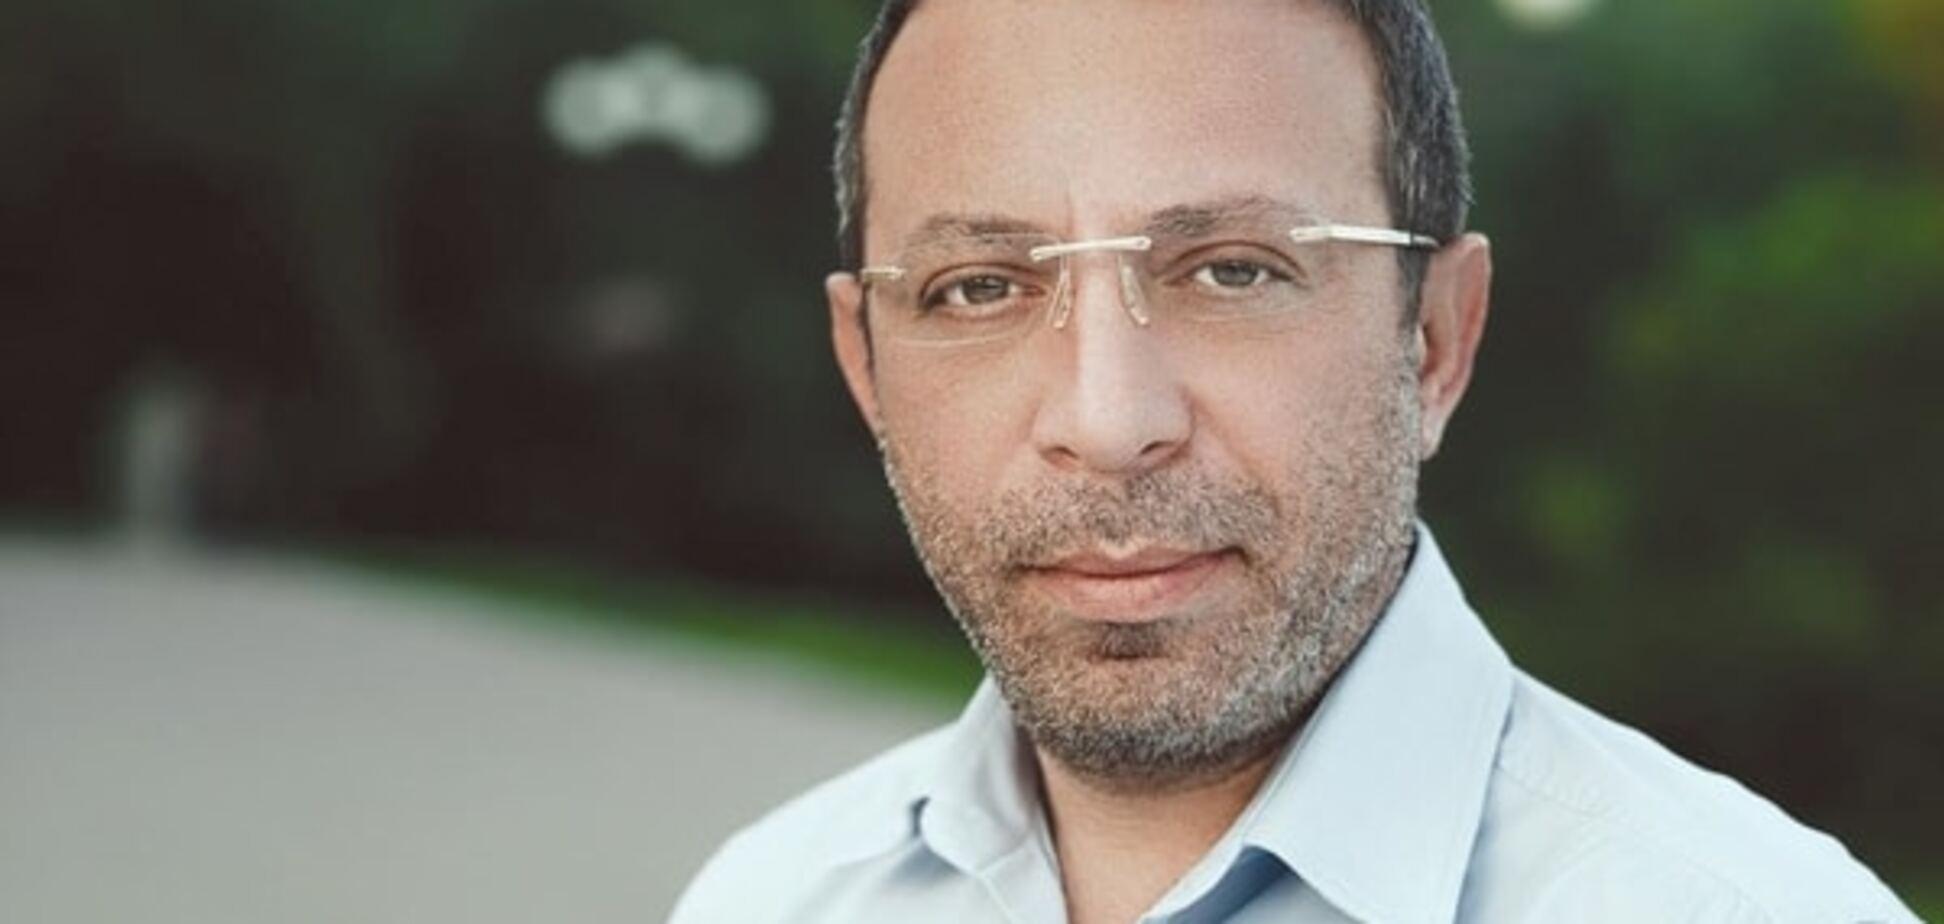 Адвоката Корбана не пускают к подзащитному: его похитили